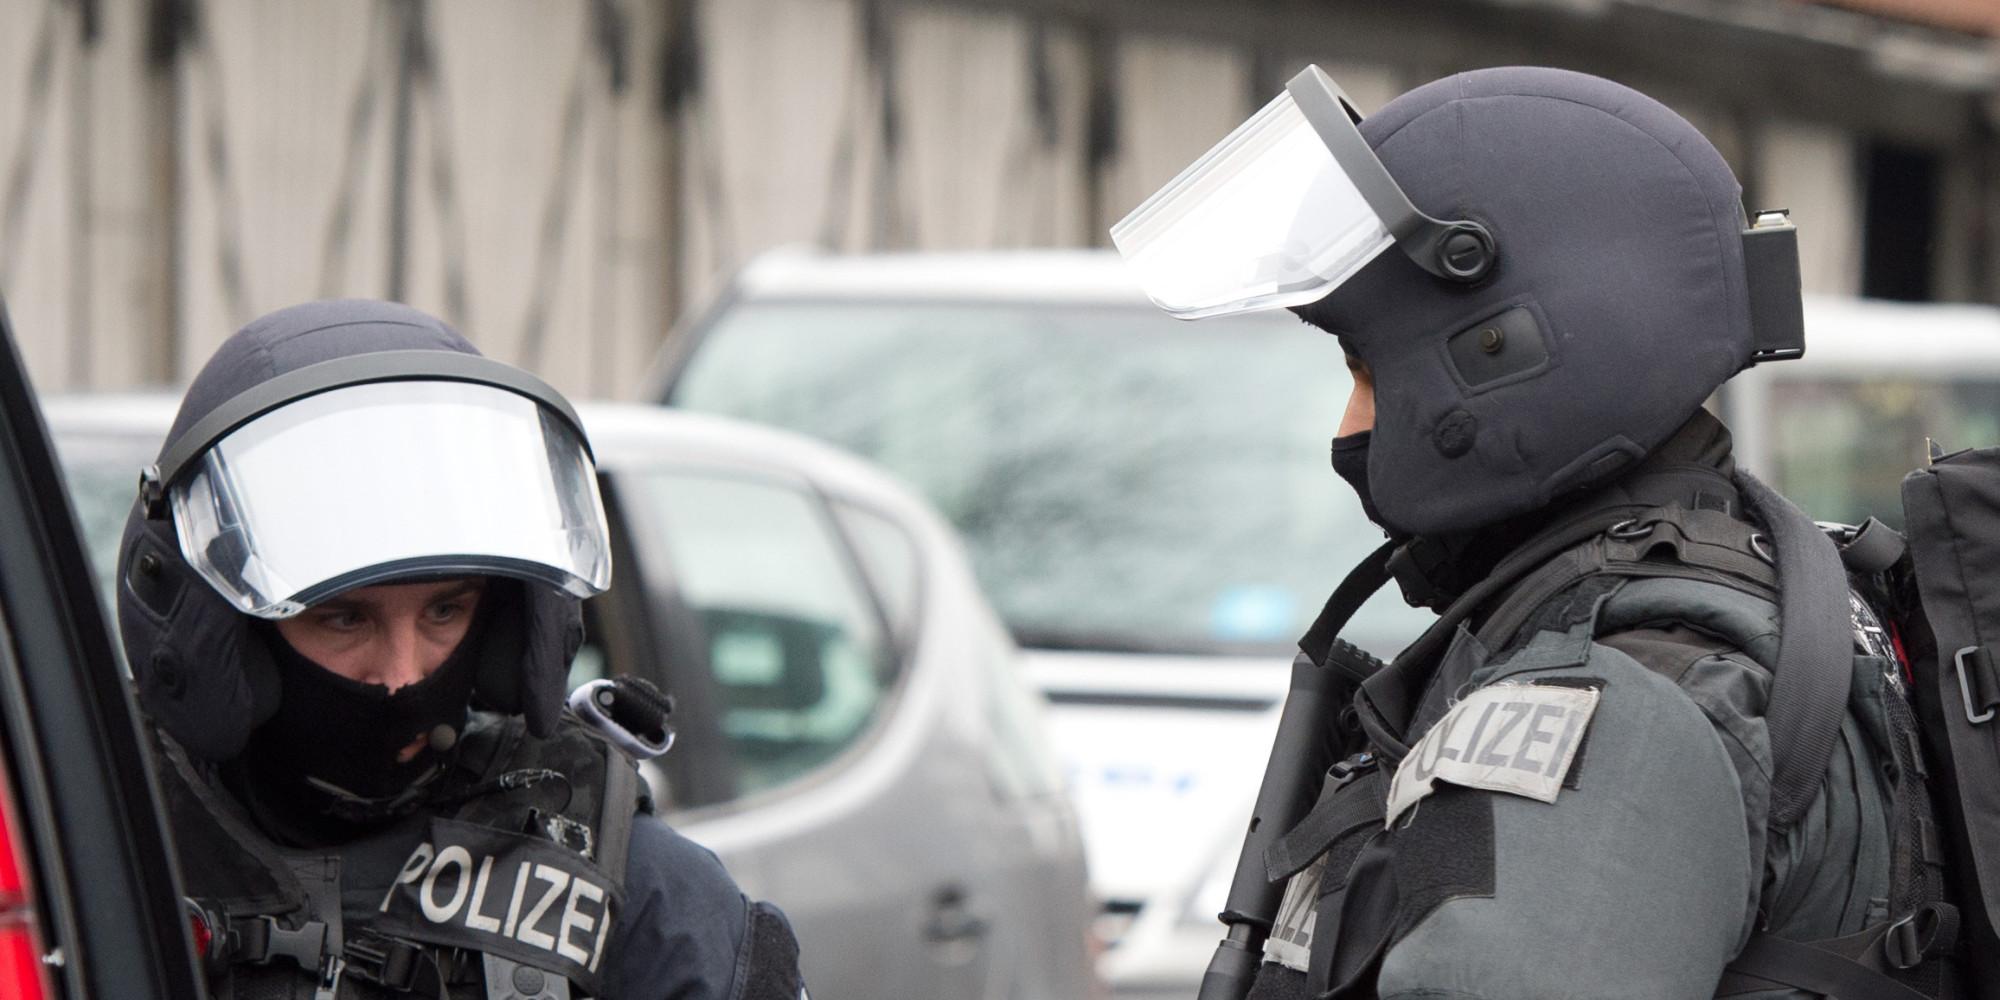 Geiselnahme in Frankfurt Mann hlt Frau in seiner Wohnung